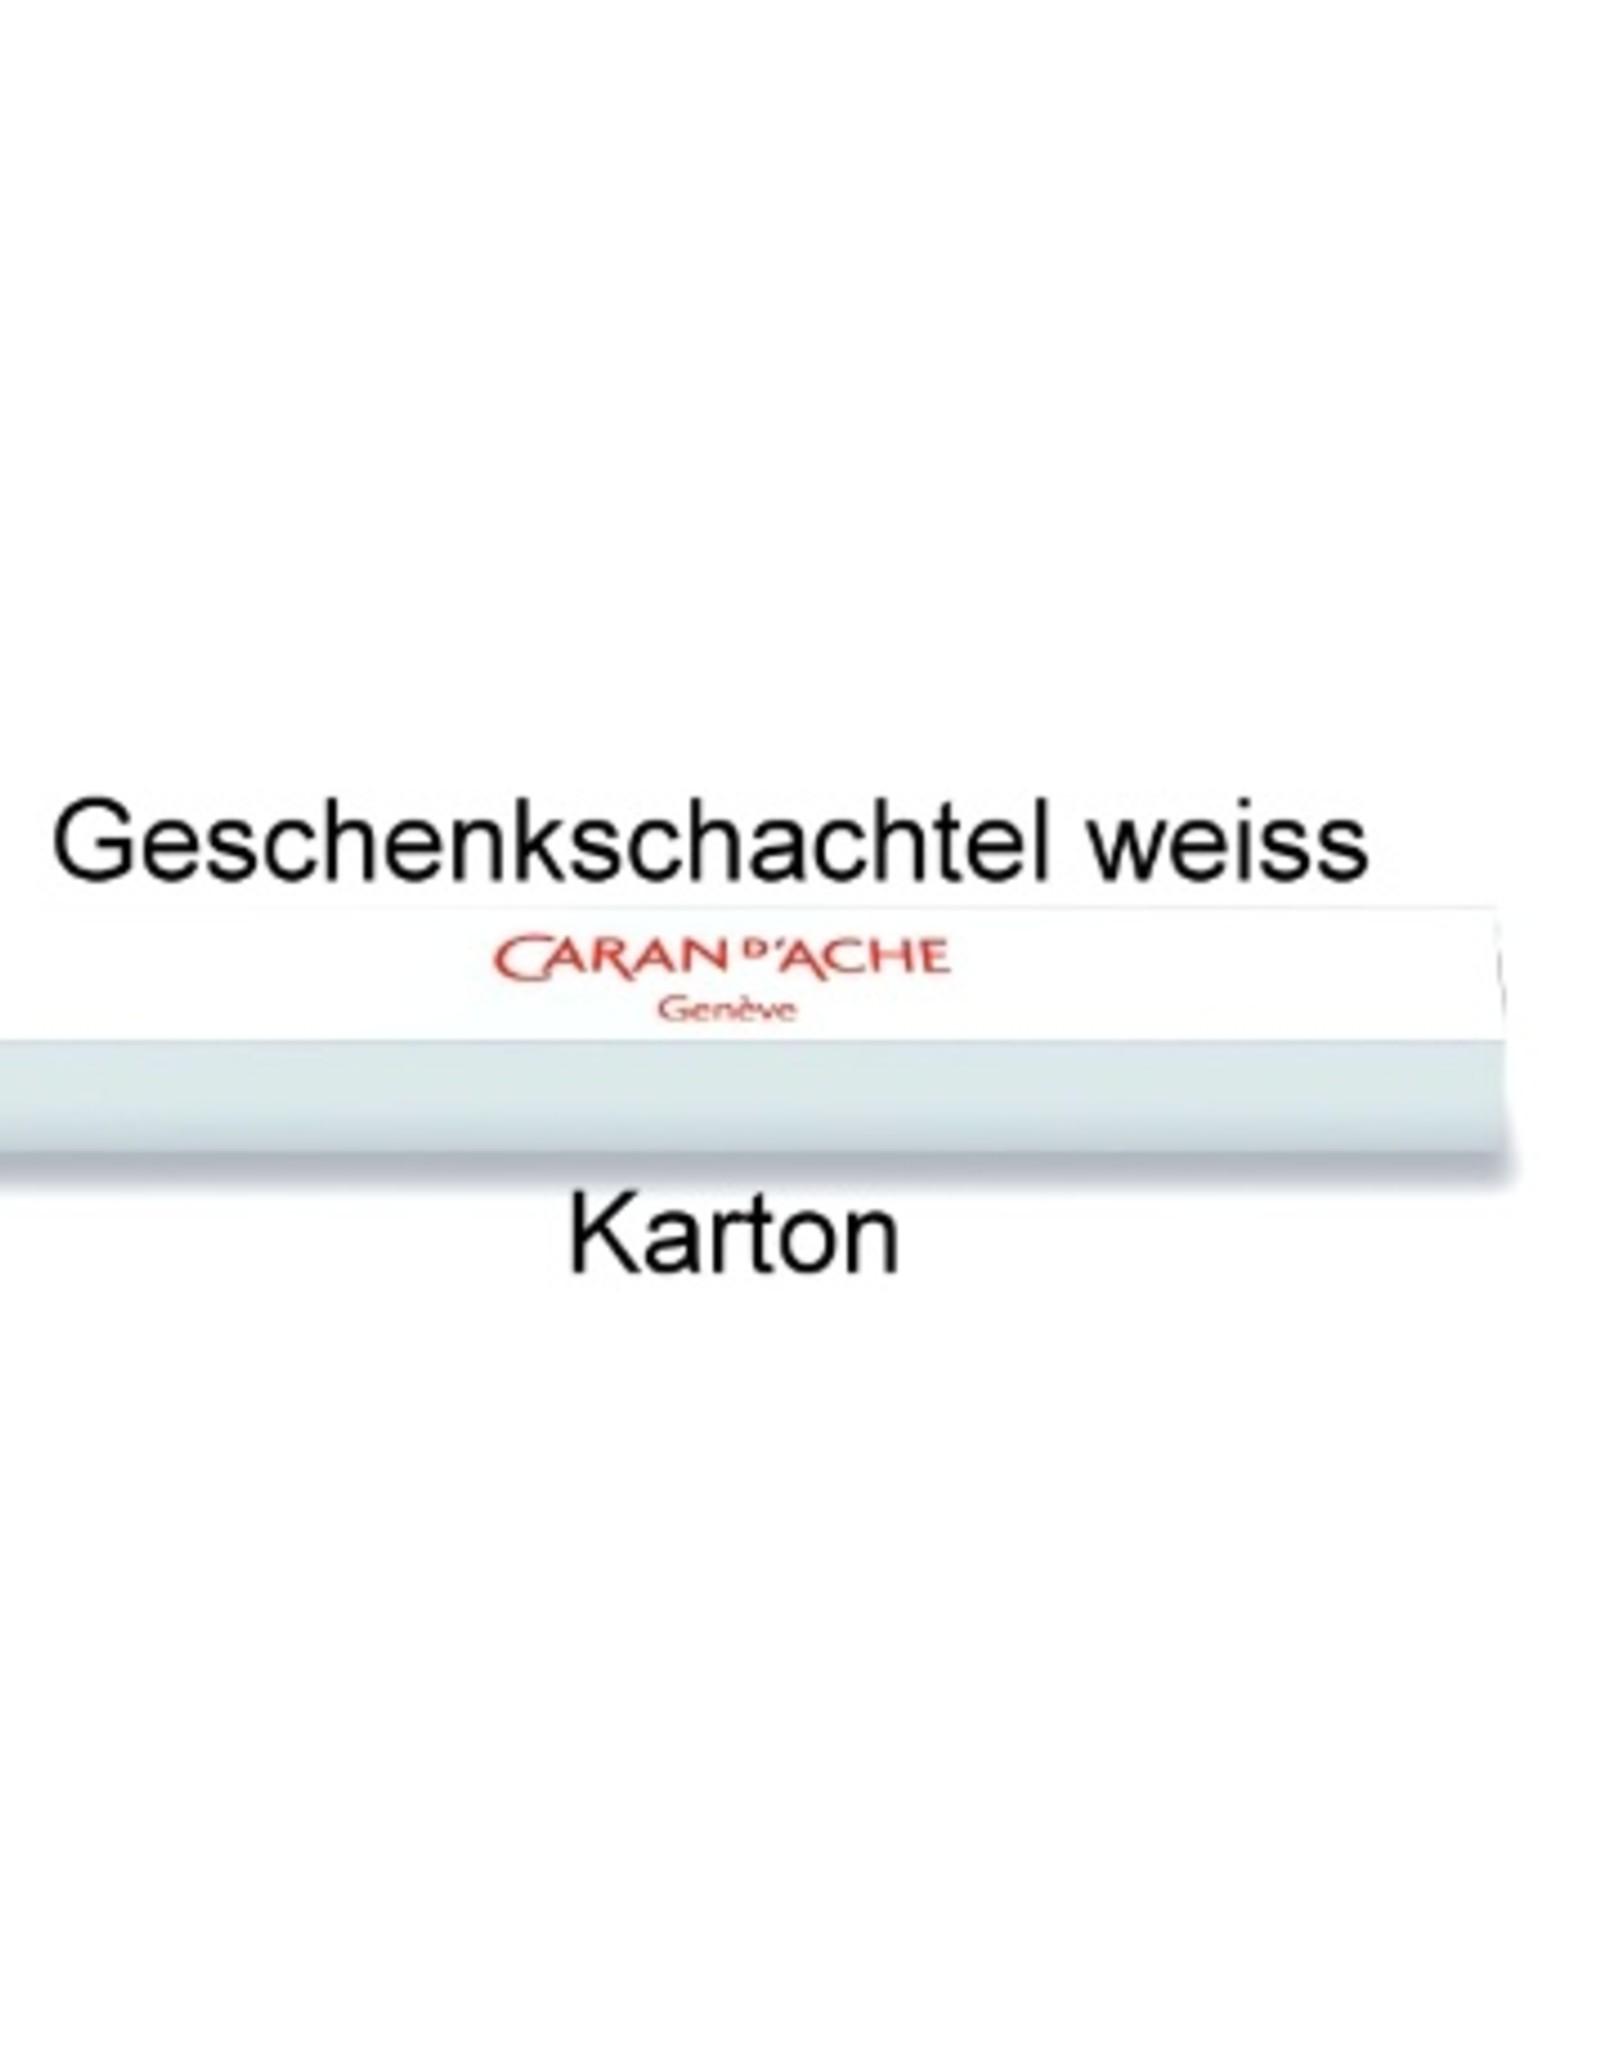 Caran d'Ache Kugelschreiber oder Minenbleistift mit Gravur 849  Classic Line saphirblau